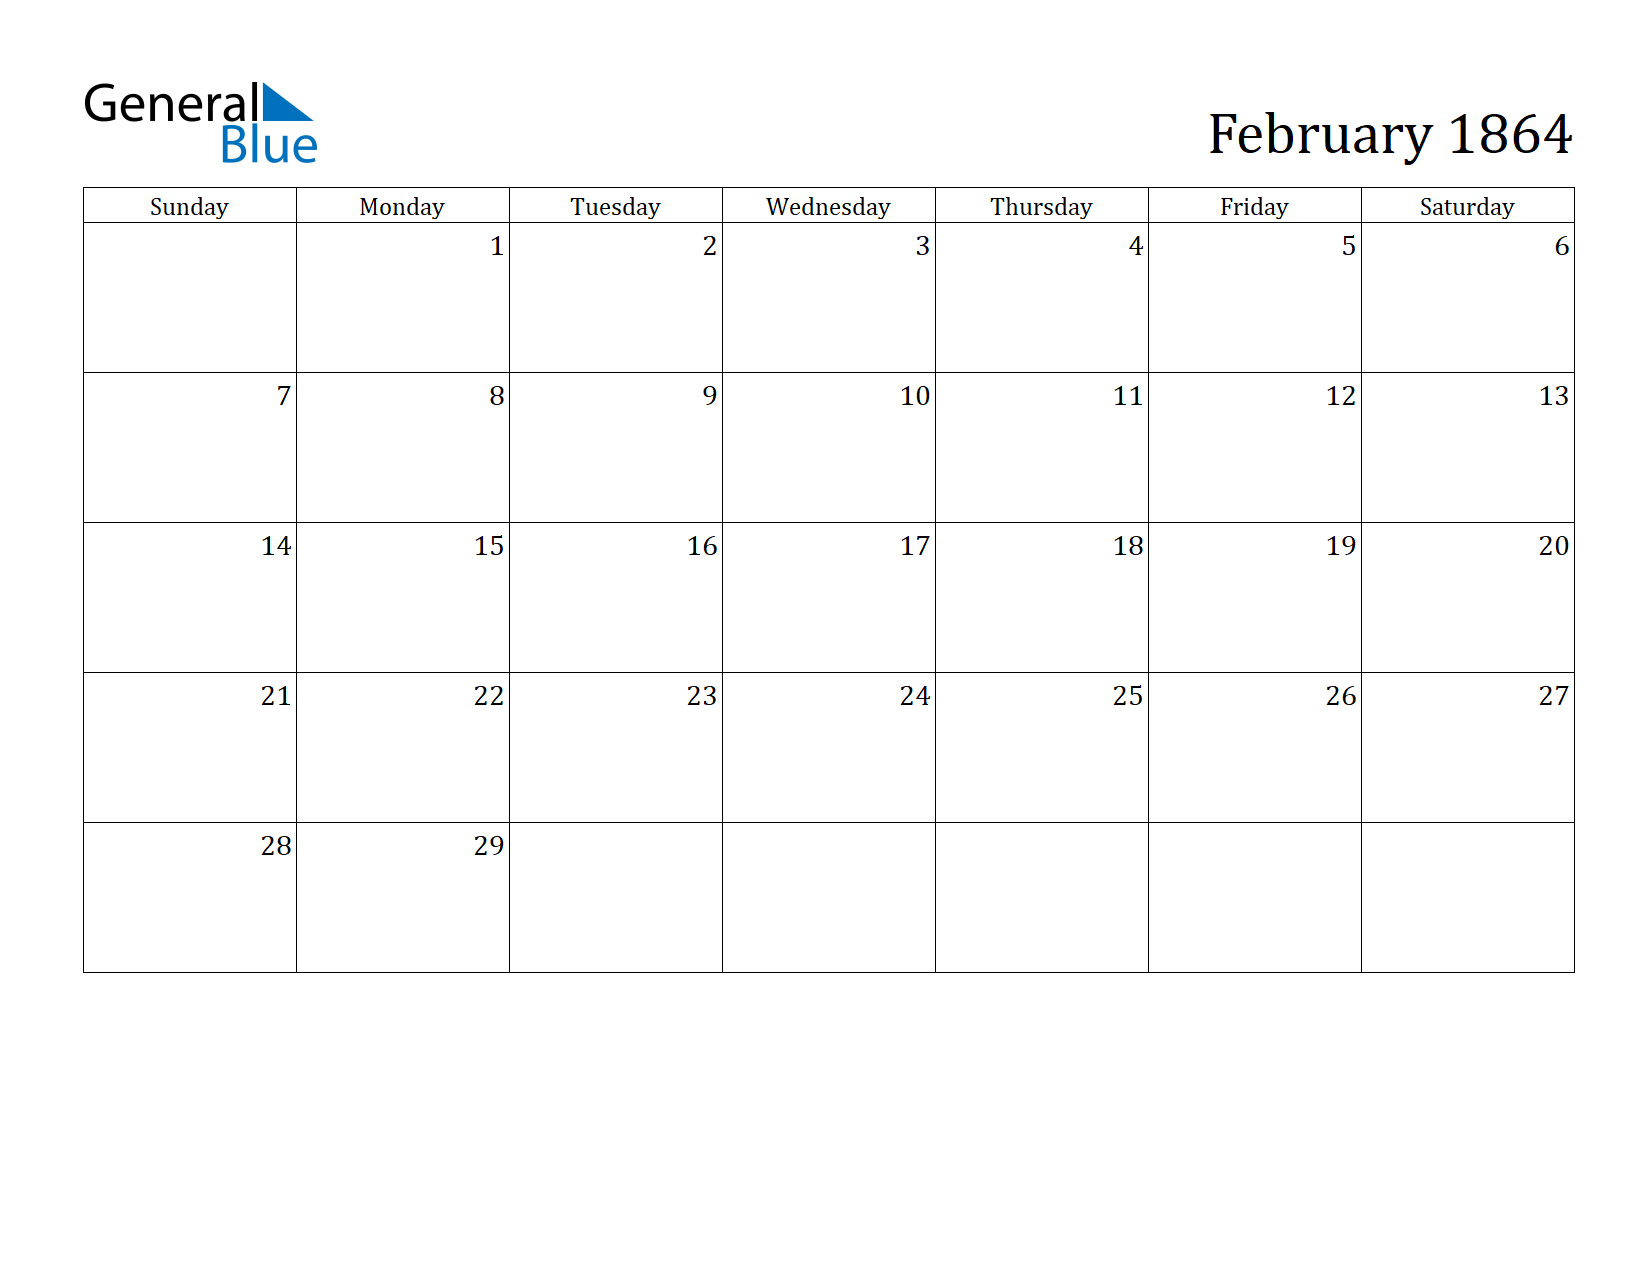 Image of February 1864 Calendar